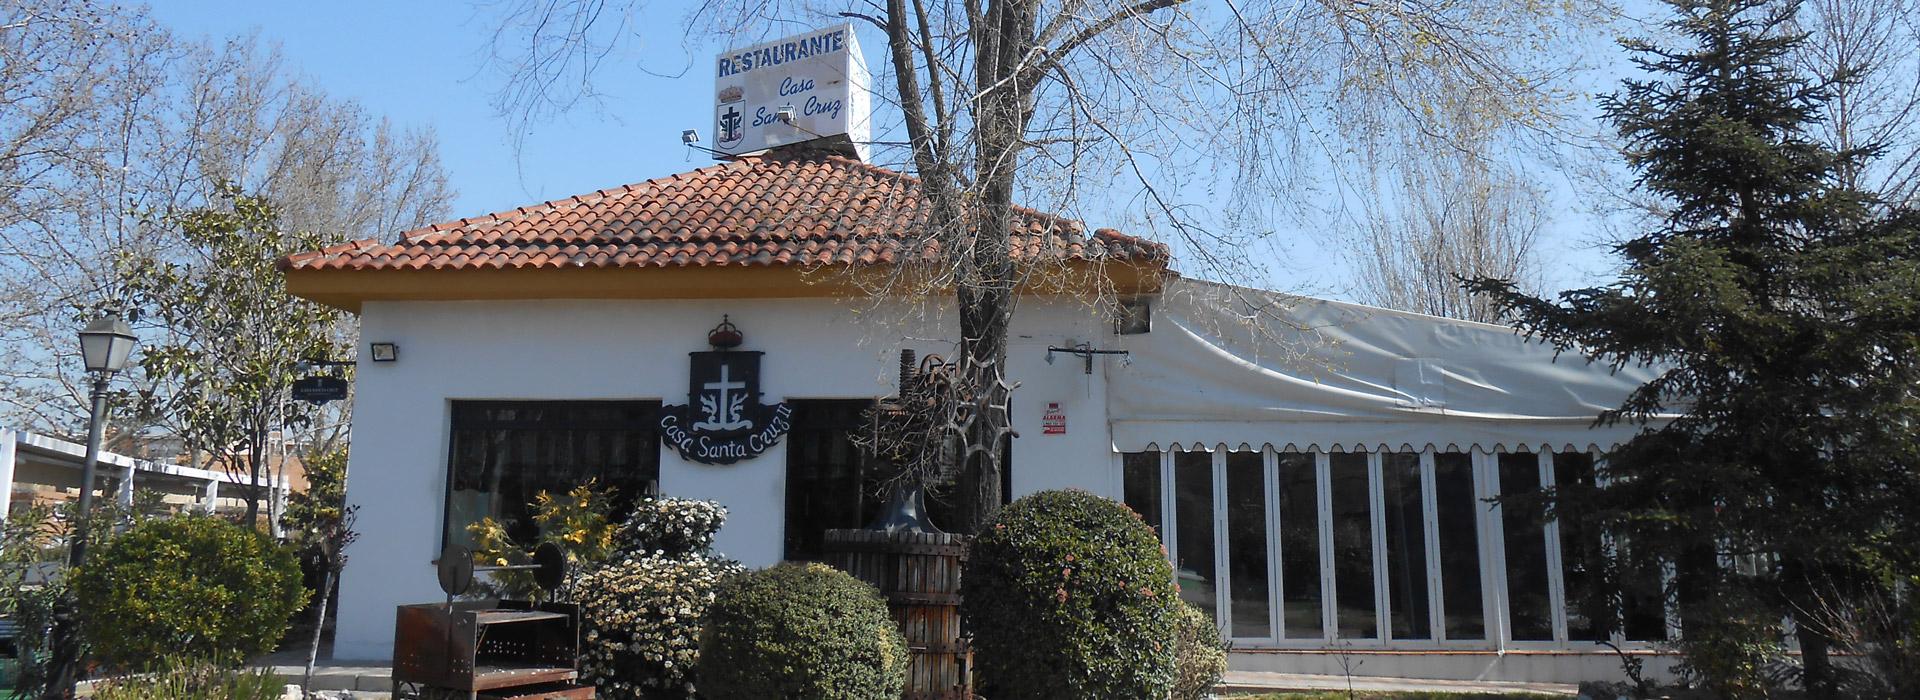 Restaurante en Alcorcón Casa Santa Cruz